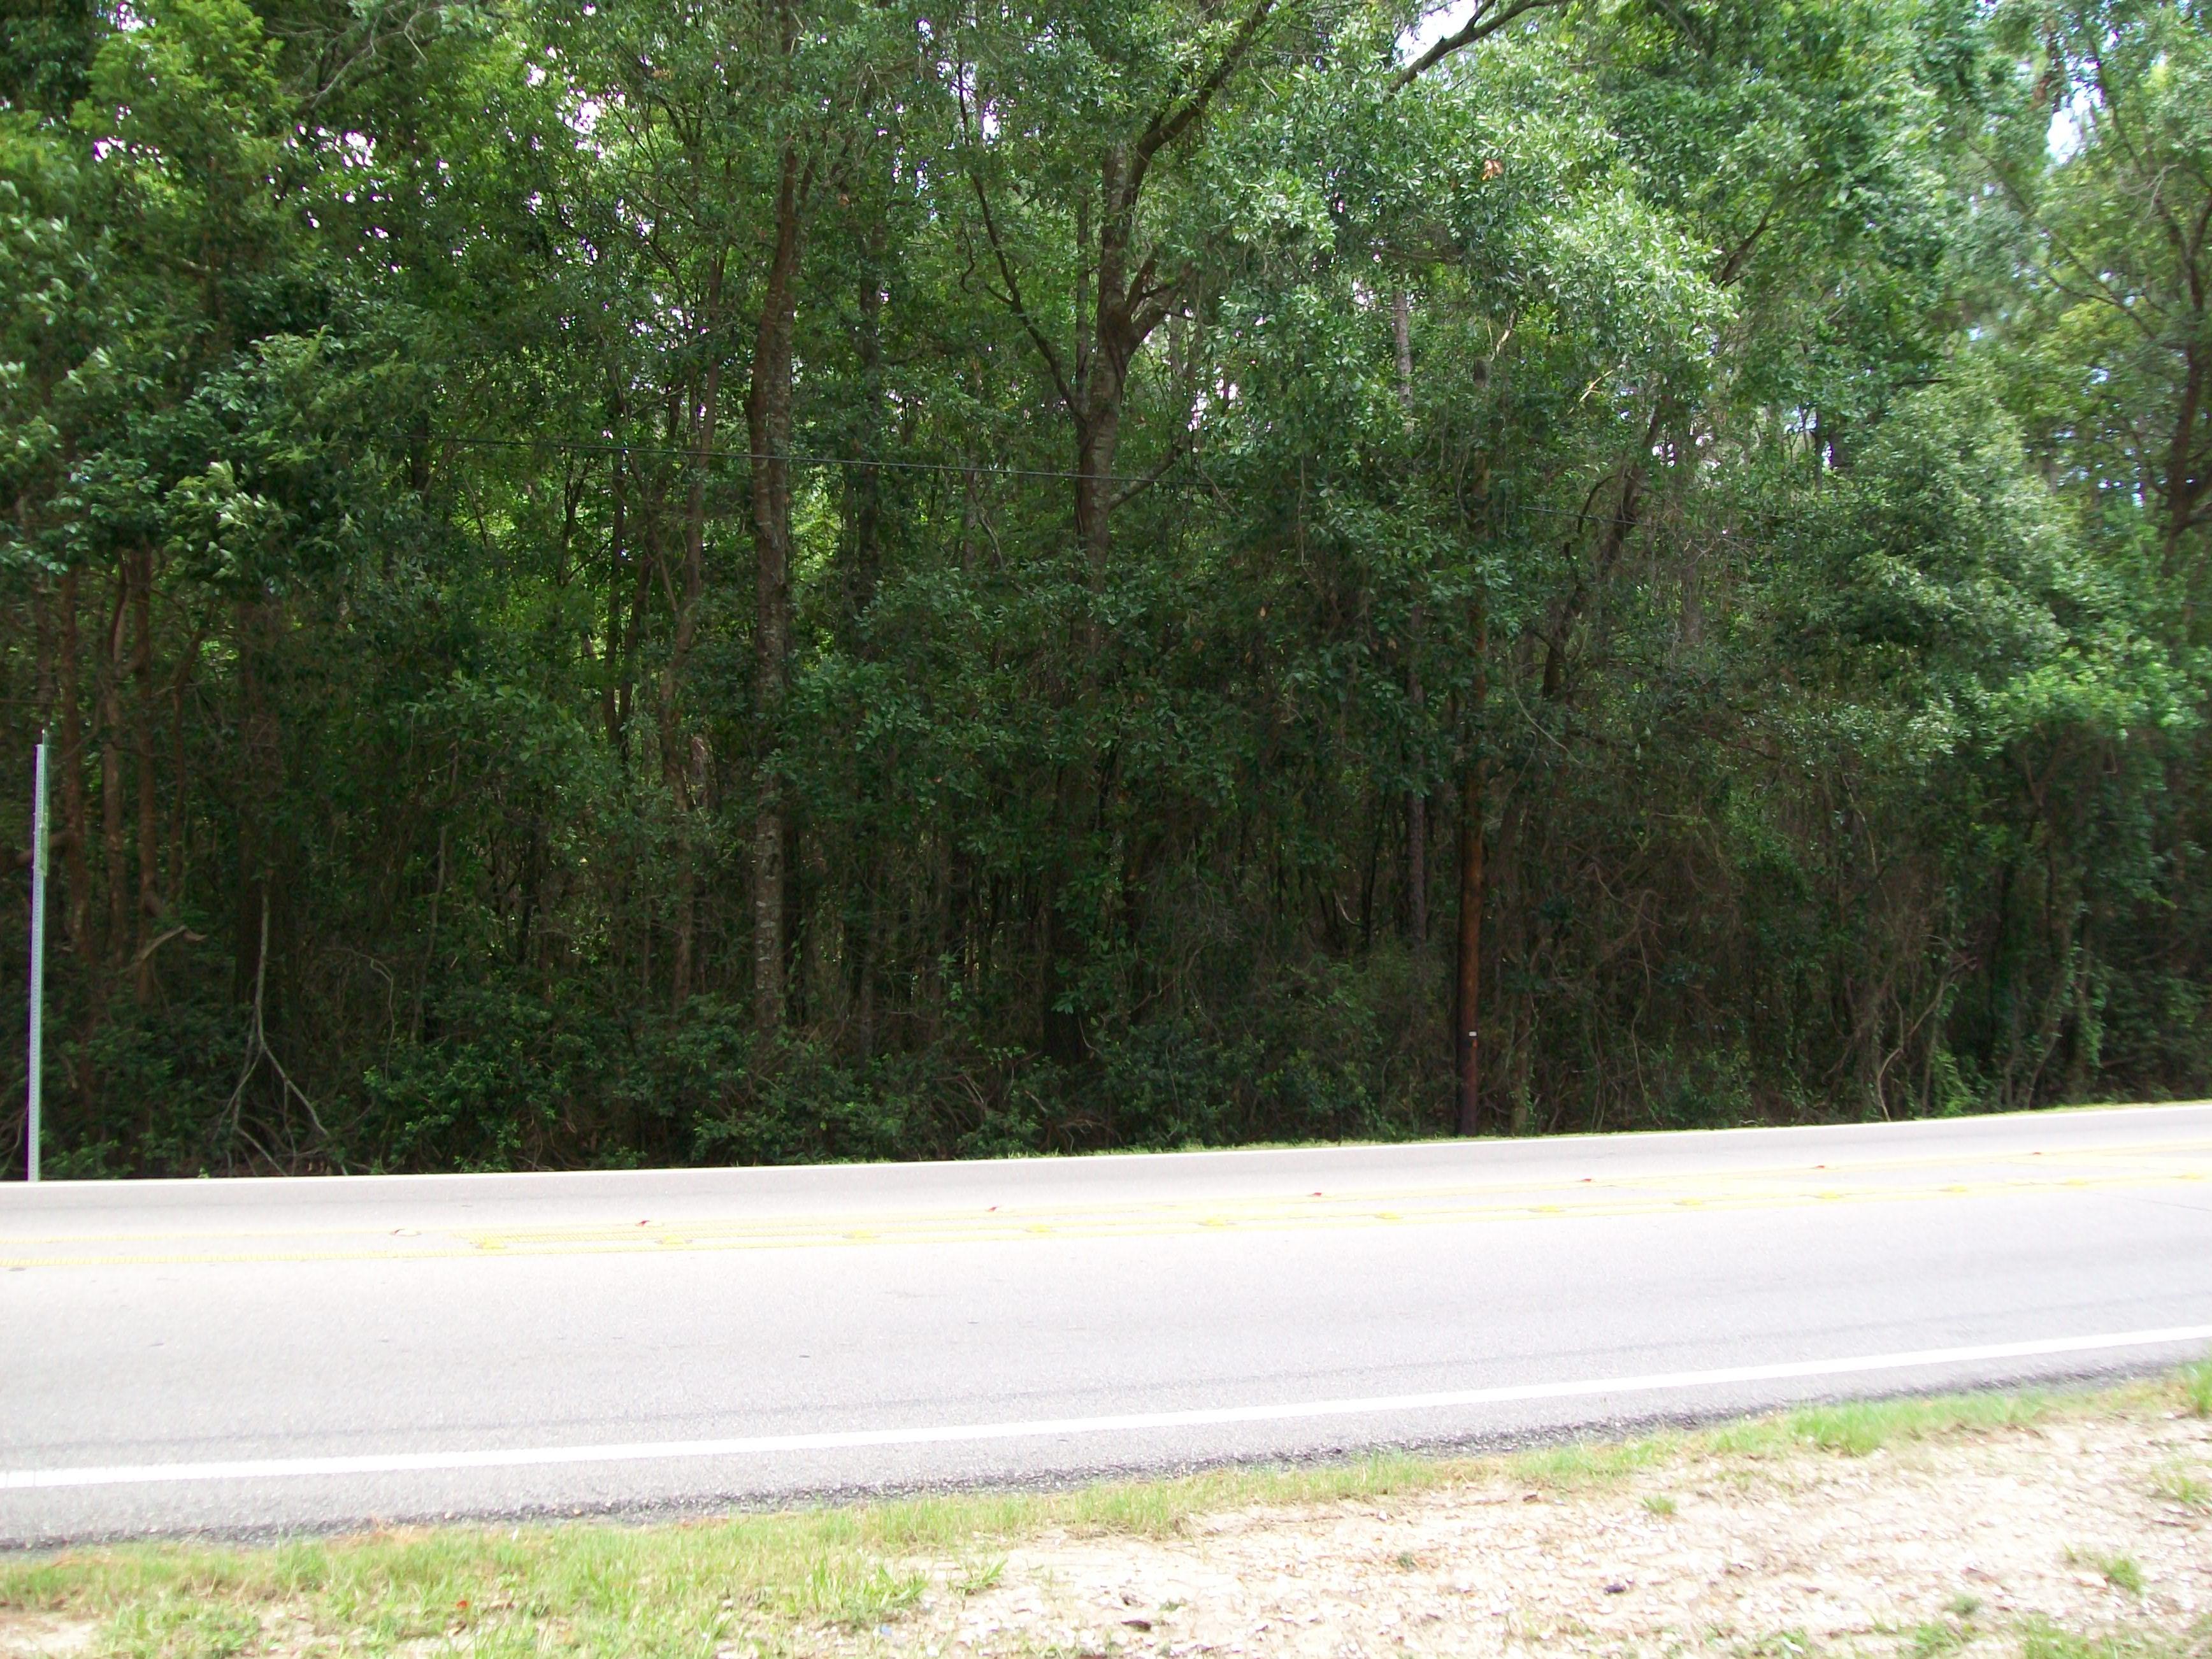 8594 Highway 188, Bayou La Batre, Alabama 36509